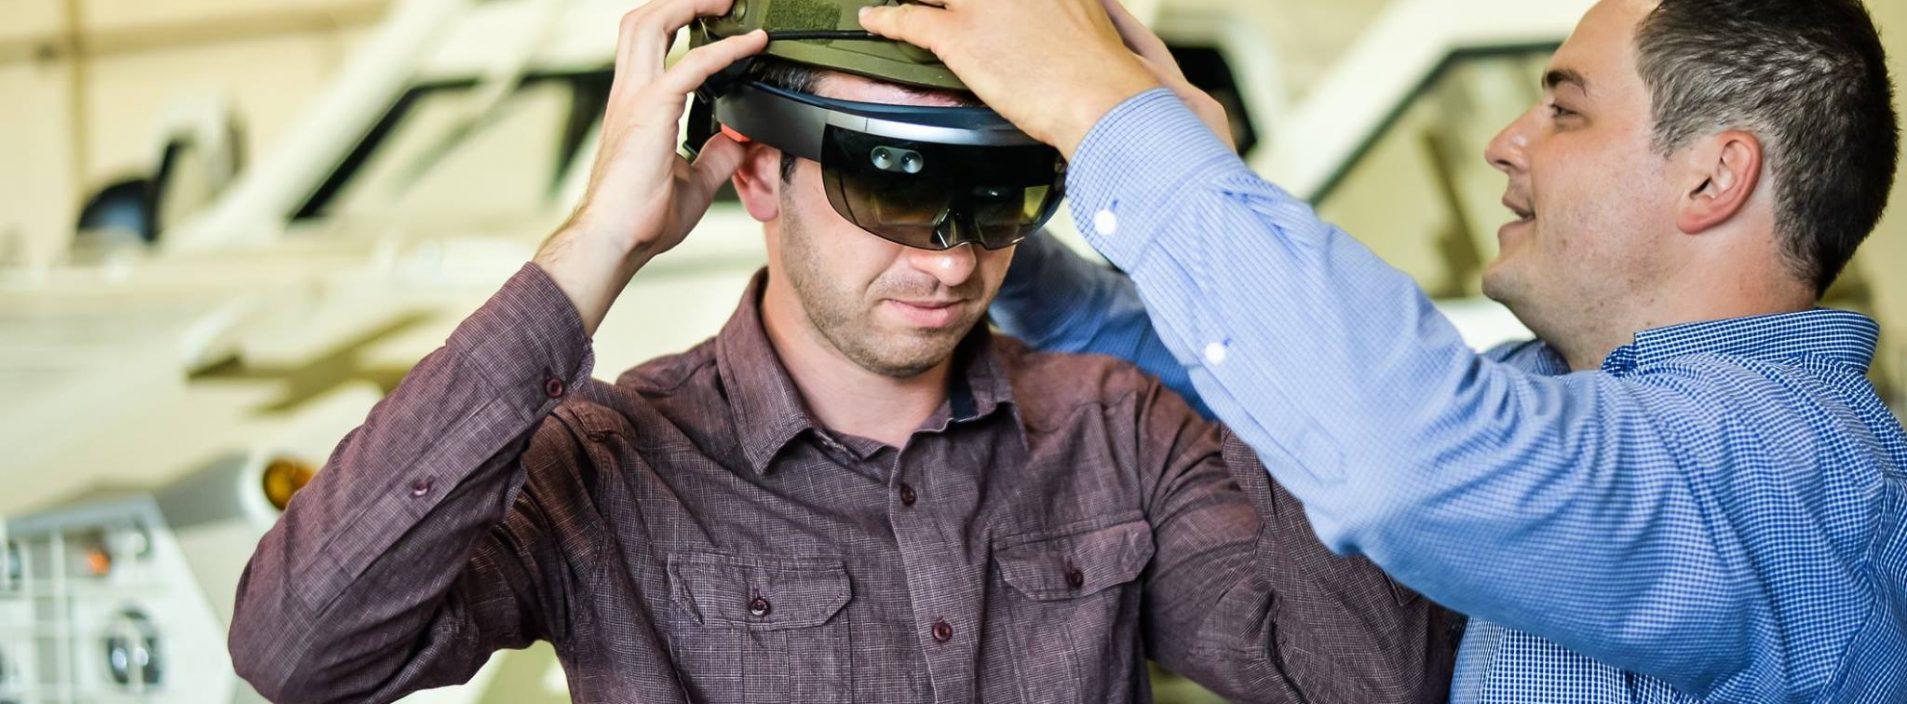 Funcionários da Microsoft dizem não! ao uso do HoloLens pelo Exército